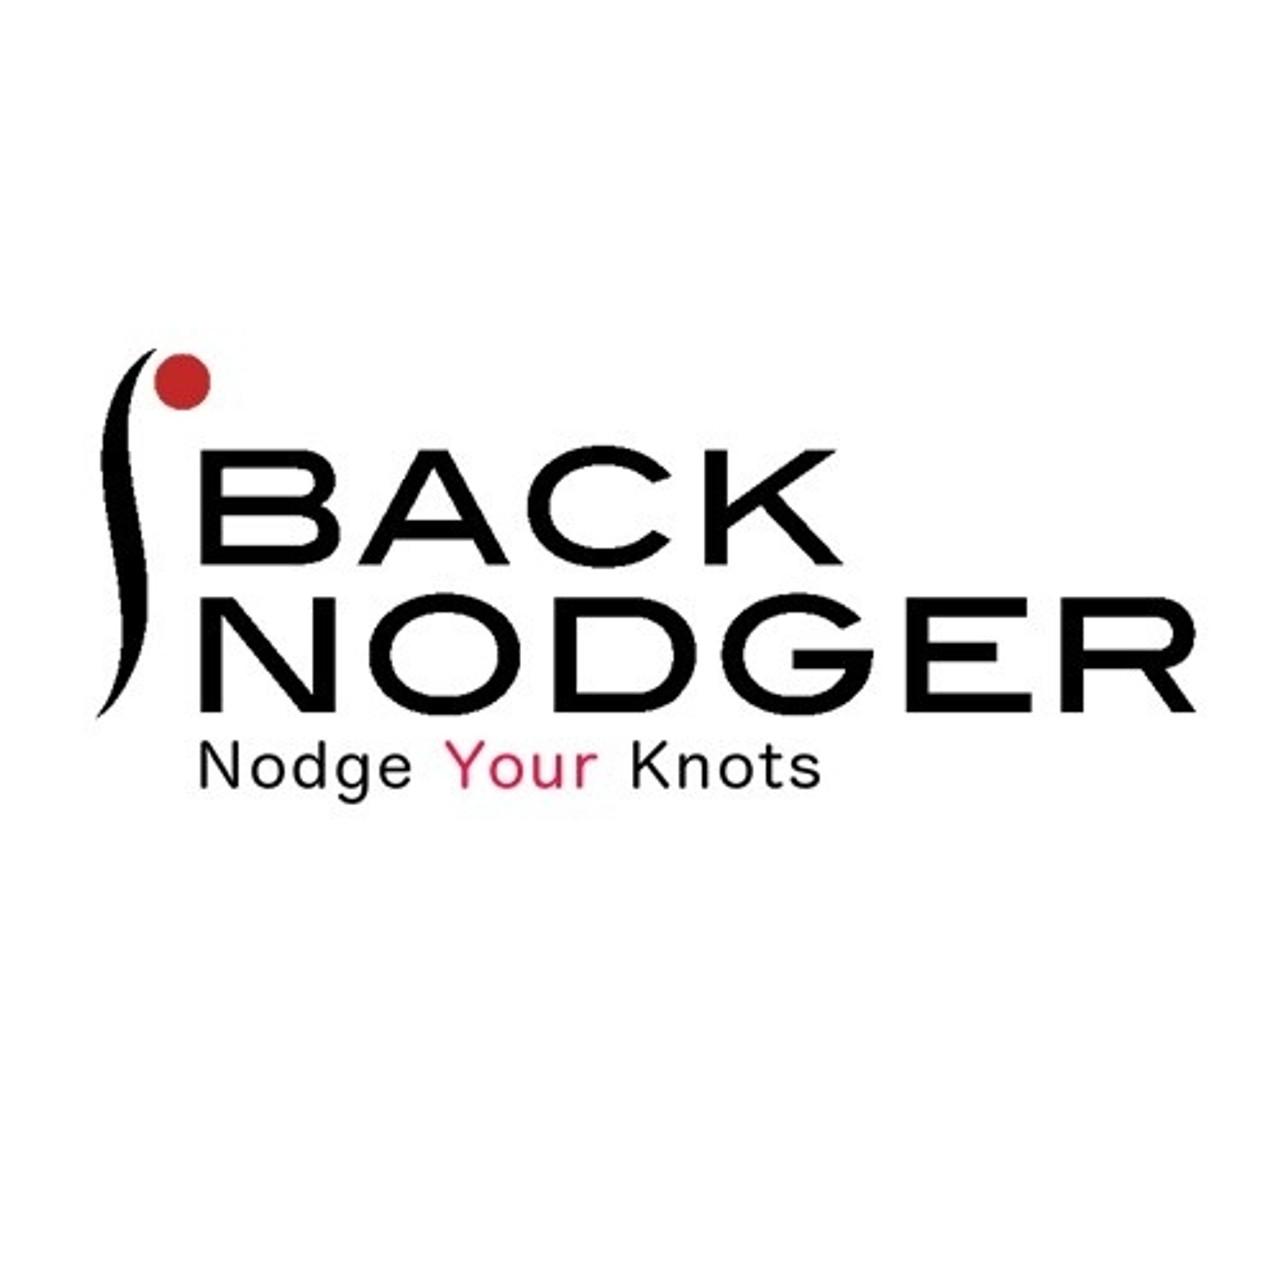 Back Nodger